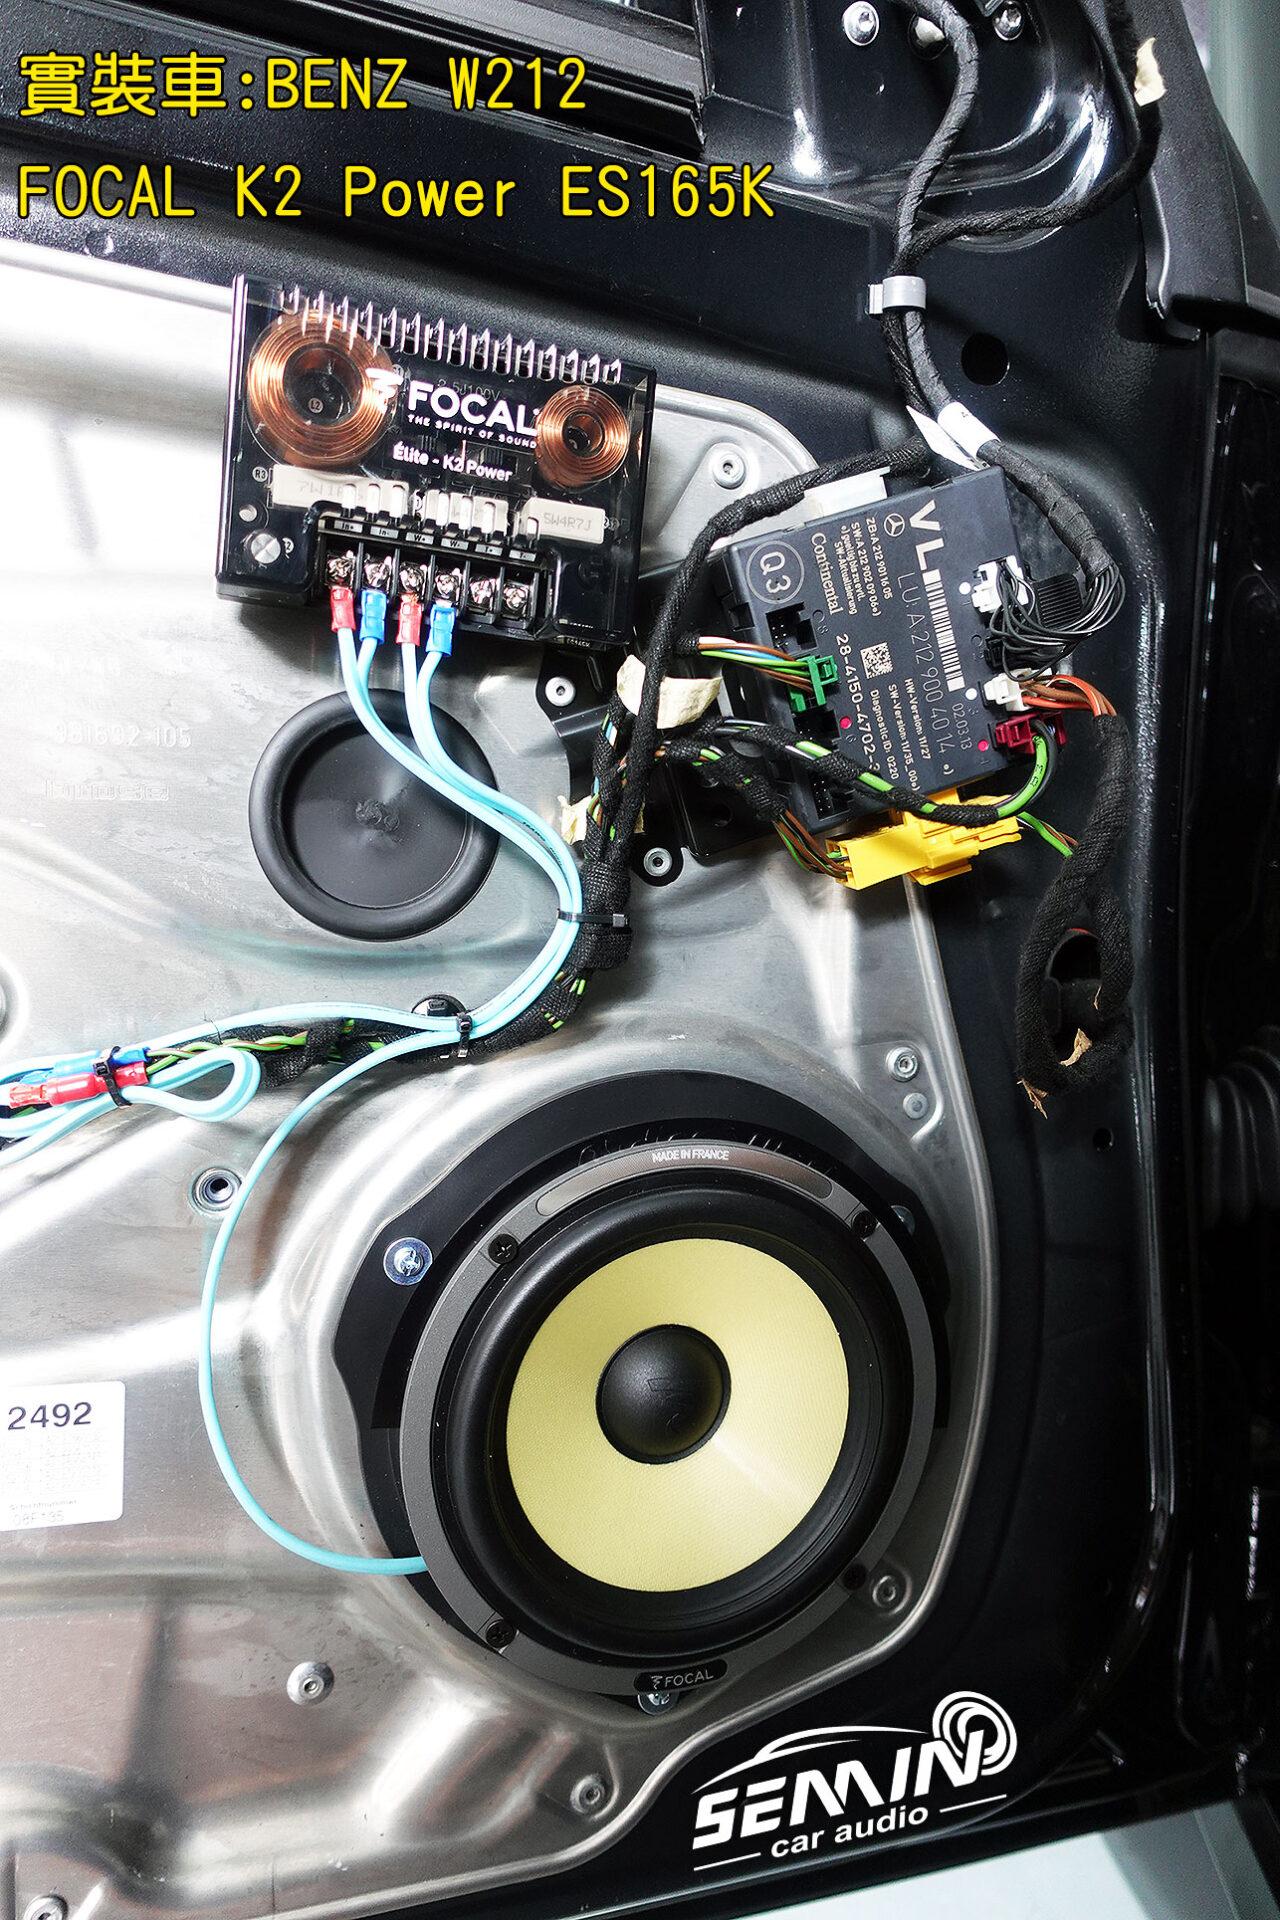 FOCAL K2 Power 高階款好聲音